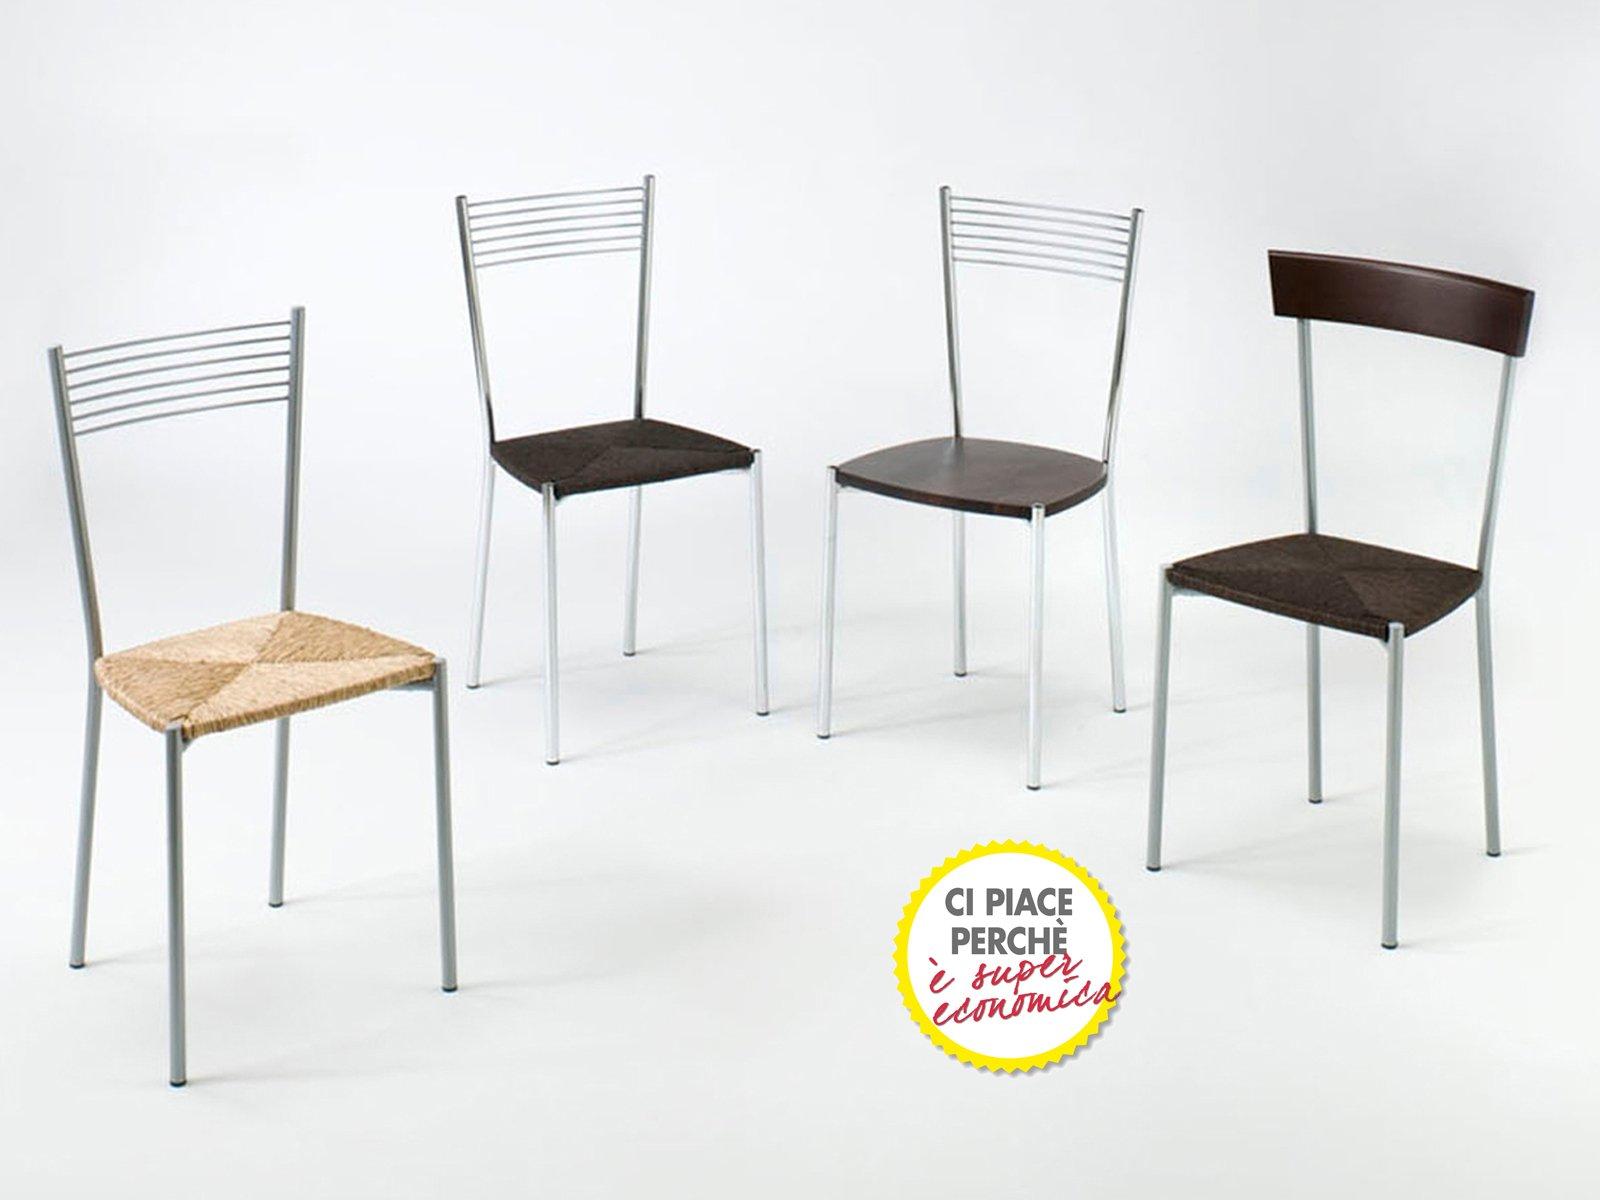 Sedie low cost 15 modelli a meno di 100 euro cose di casa for Sedie acciaio e legno